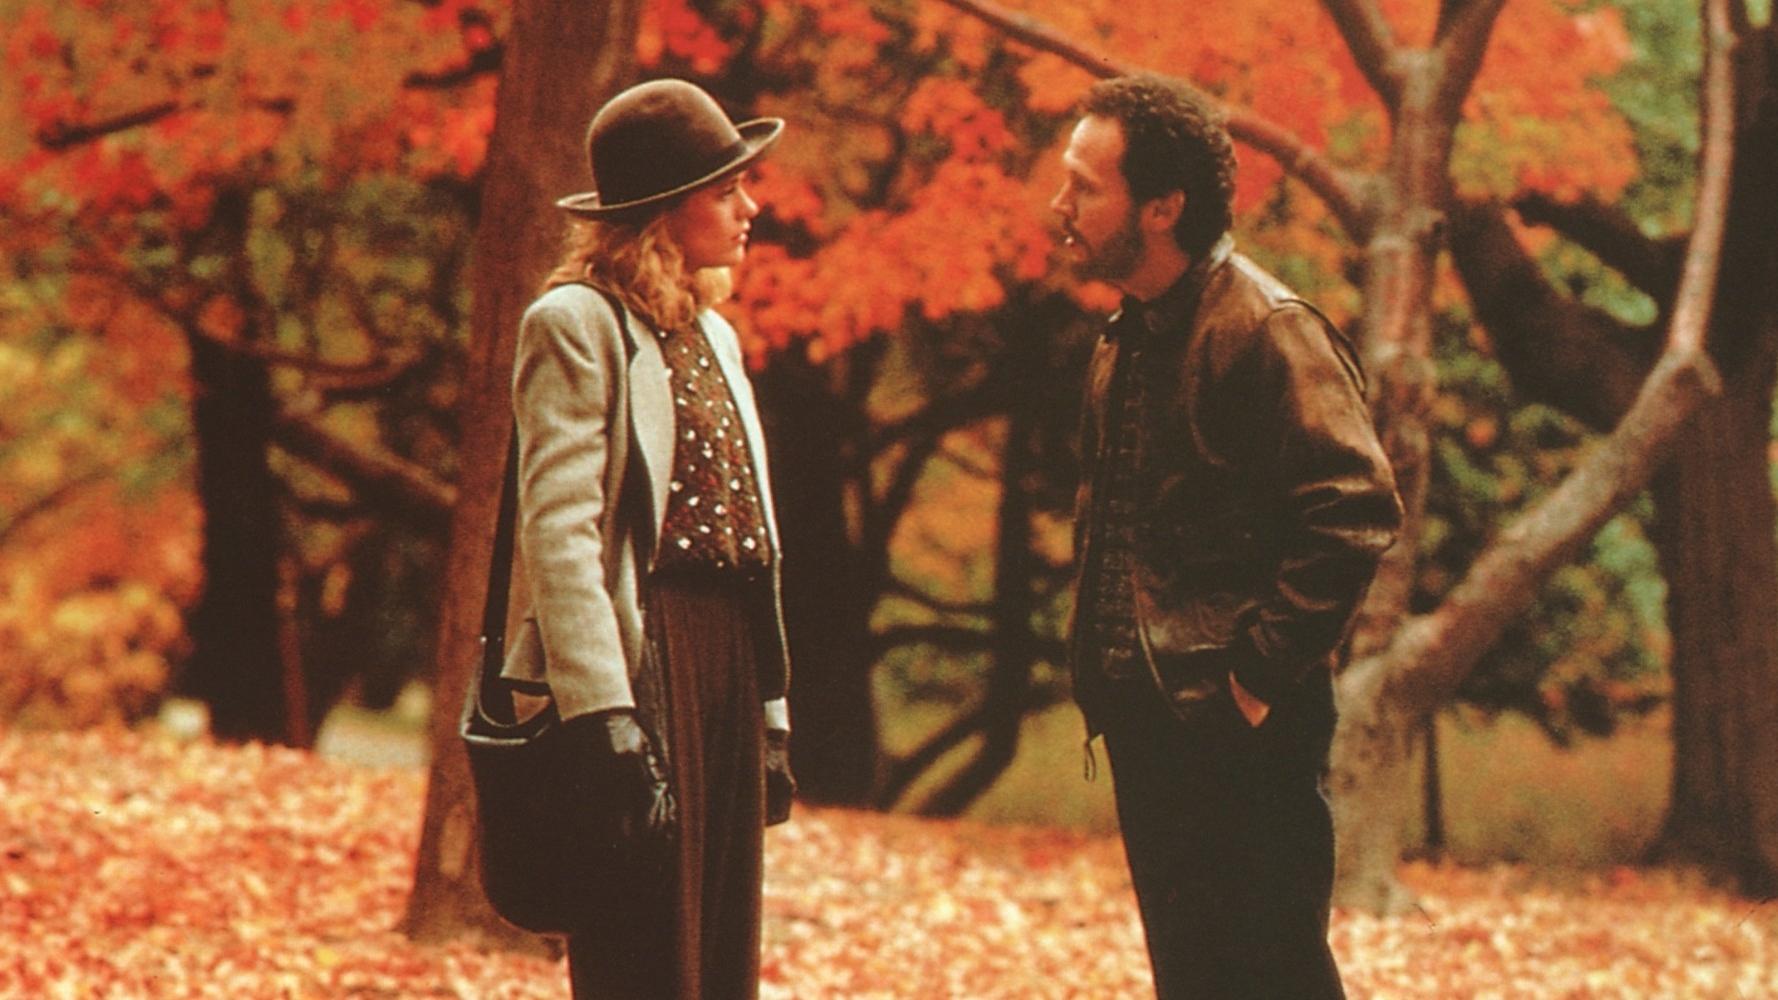 #17) When Harry Met Sally... - (1989 - dir. Rob Reiner)